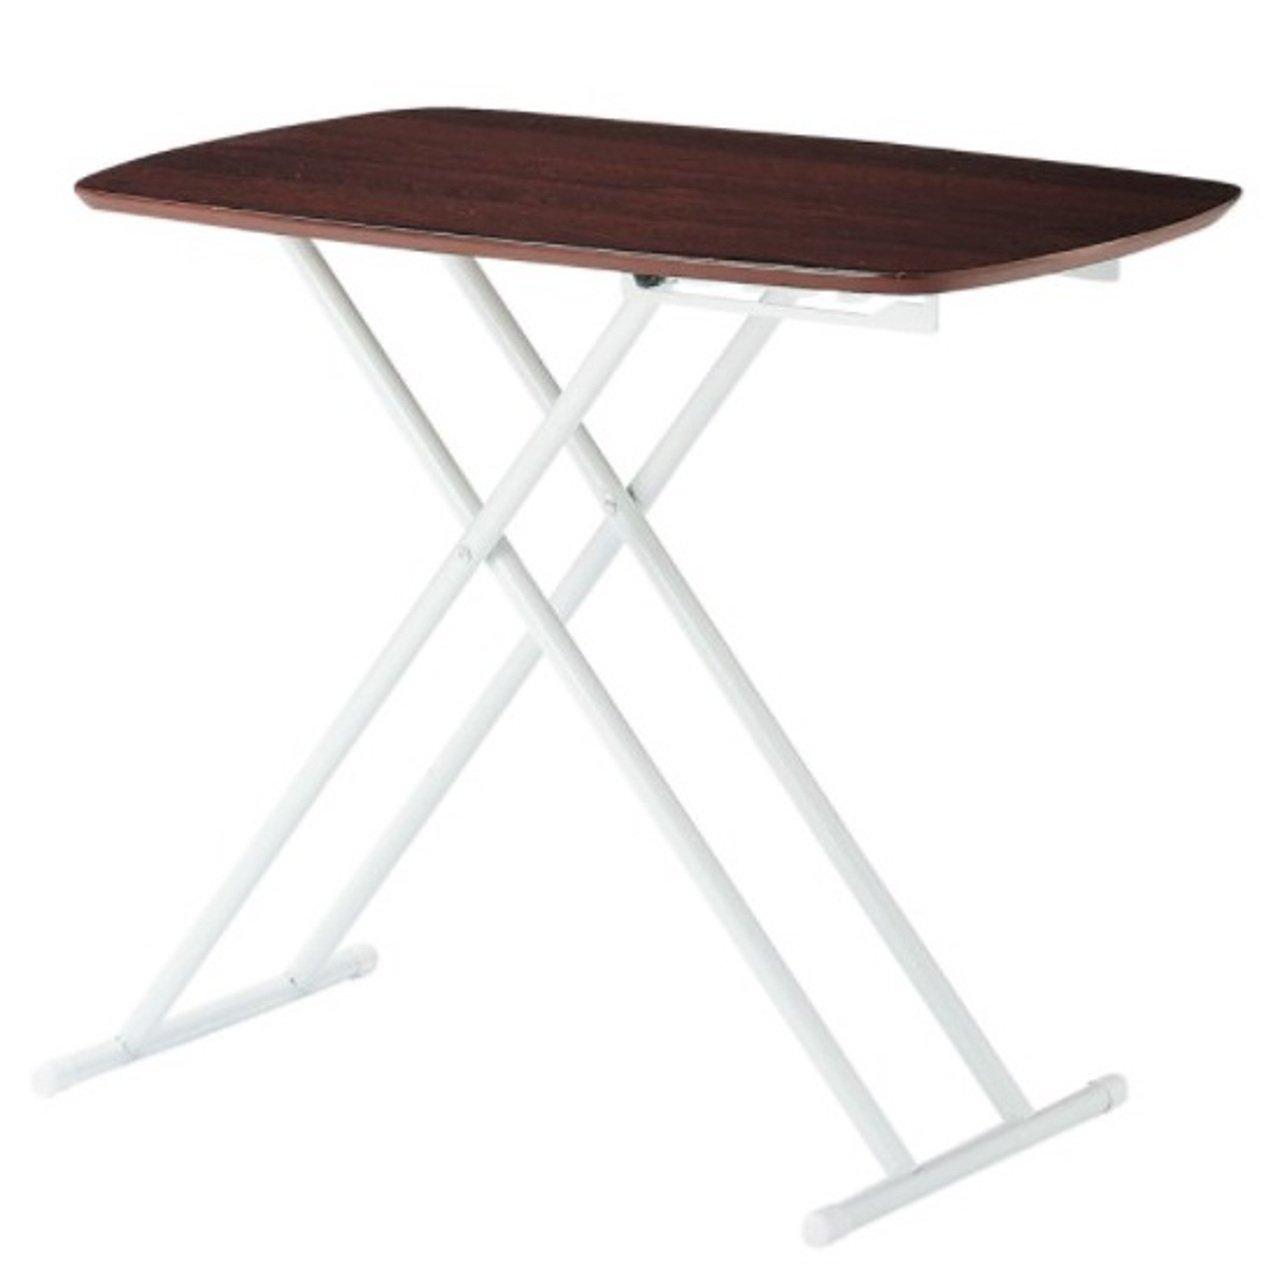 AHEART 昇降テーブル 幅75 折りたたみ コンパクト リフティングテーブル SI 70 ブラウン B07BK4714T ブラウン ブラウン